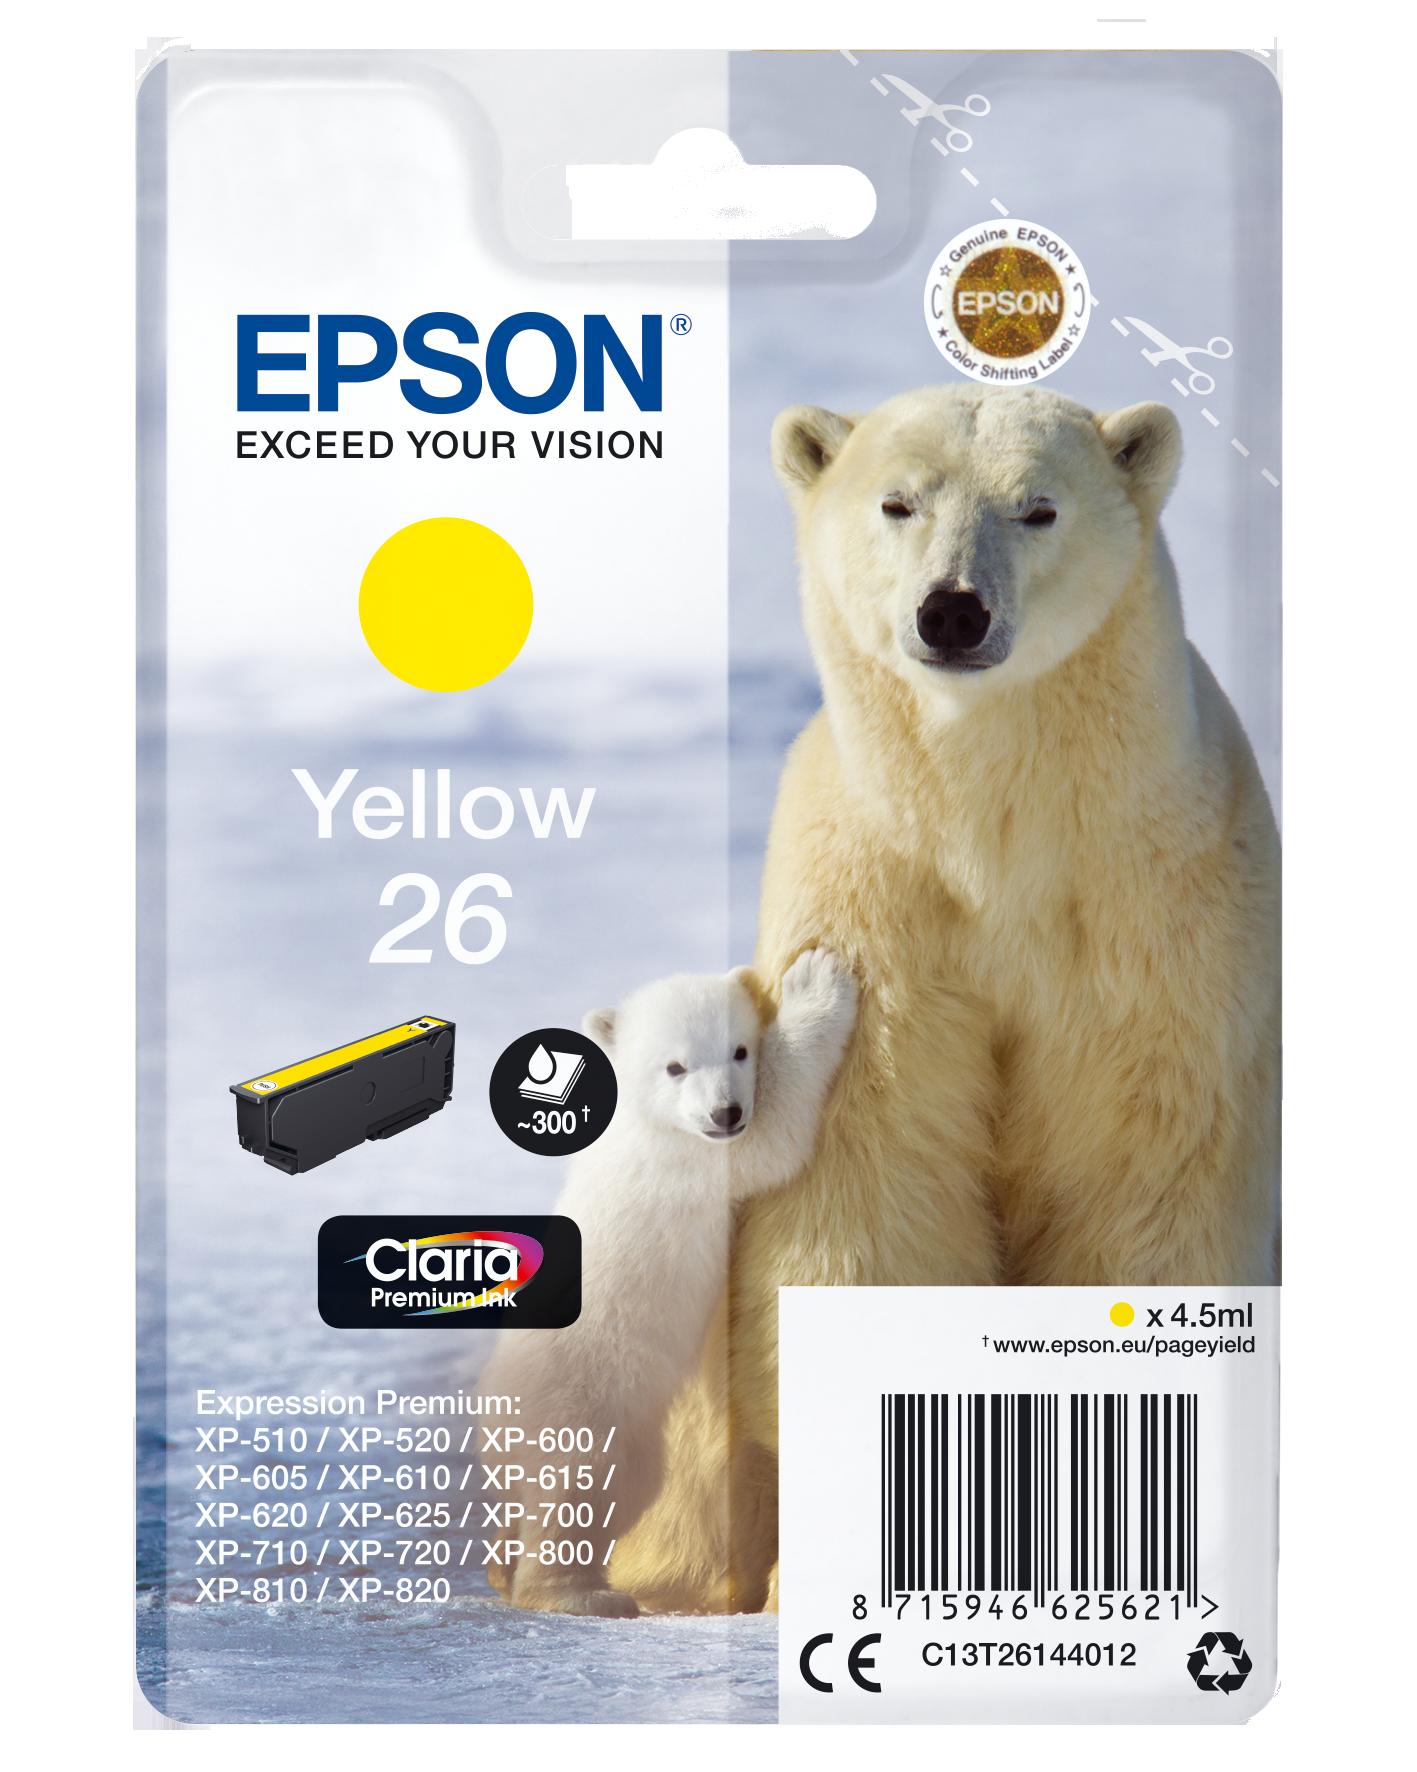 Epson Multifunción Expression Premium XP-625Blanca